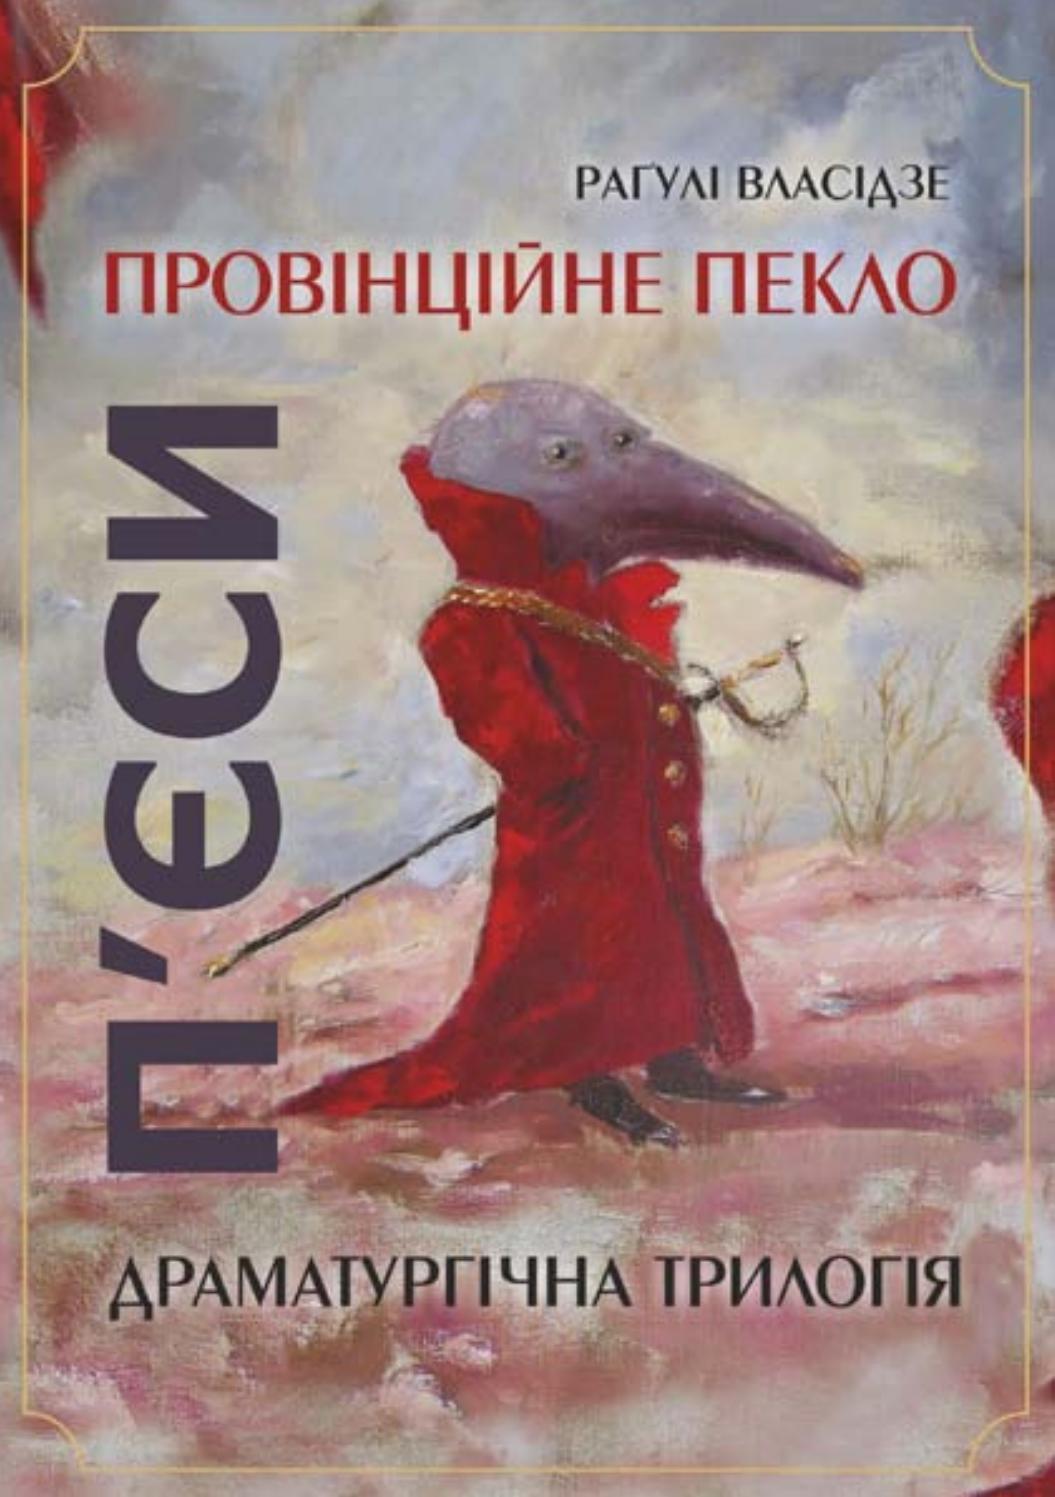 Раґулі Власідзе - Провінційне пекло by Михайло Качанський - issuu 301c8fd6cc4b4